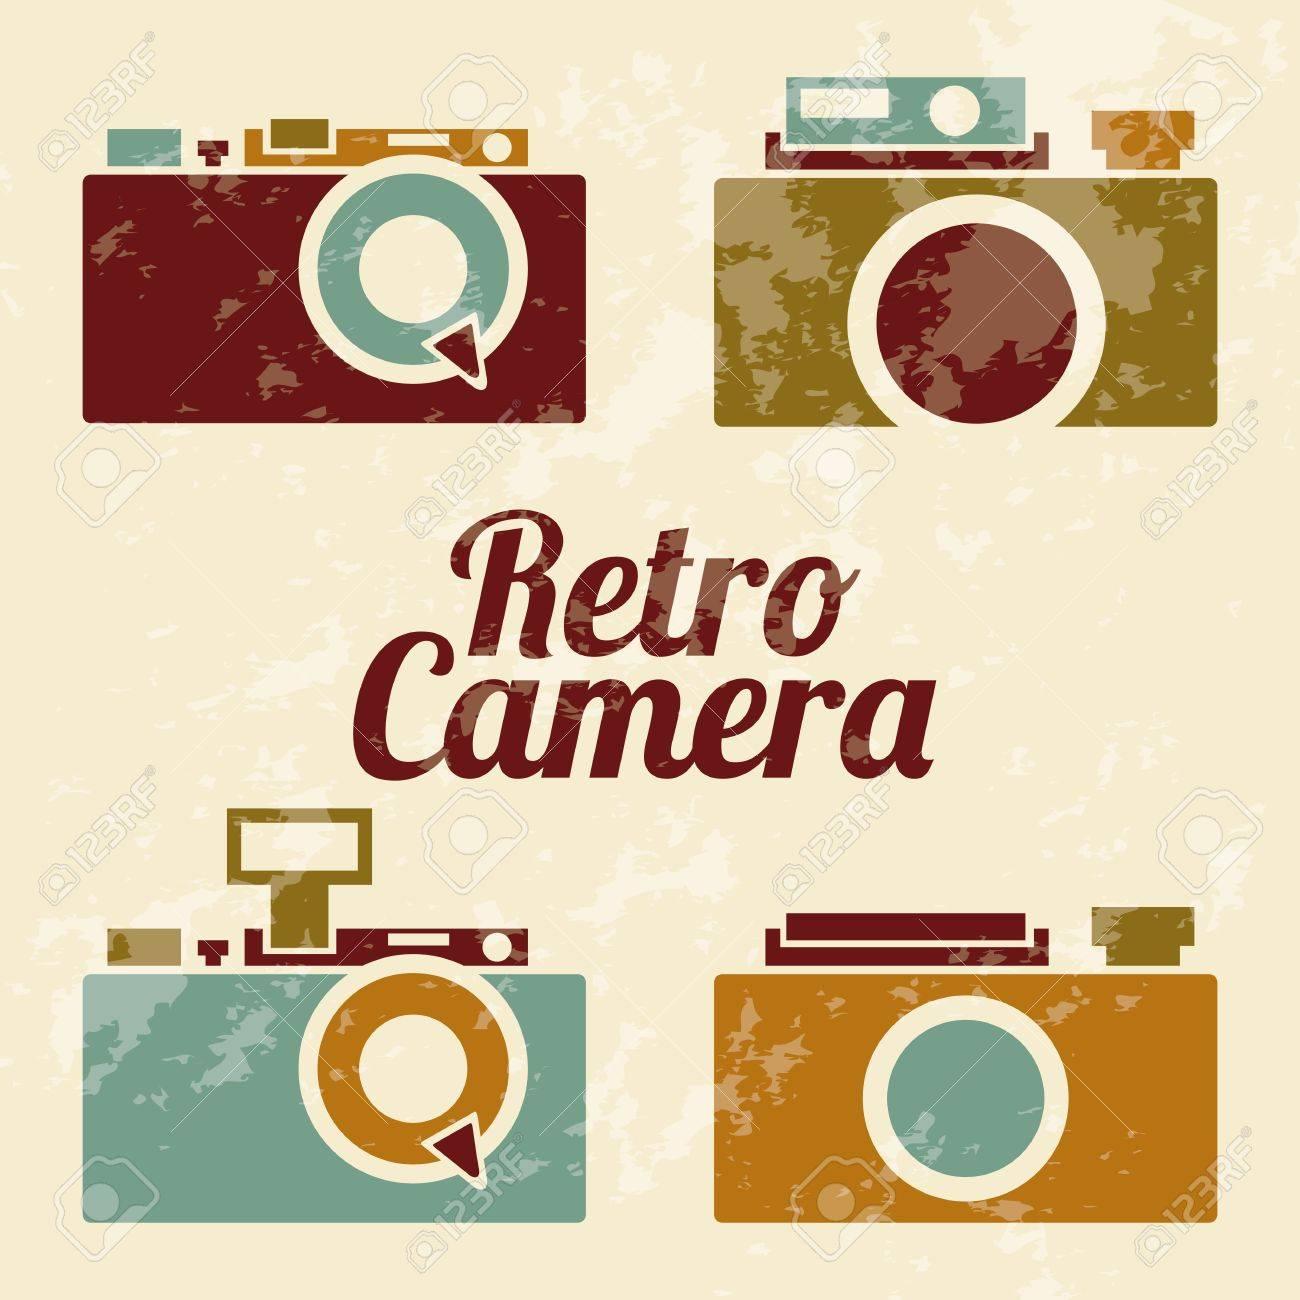 茶色の背景イラストレトロなカメラのイラスト素材ベクタ Image